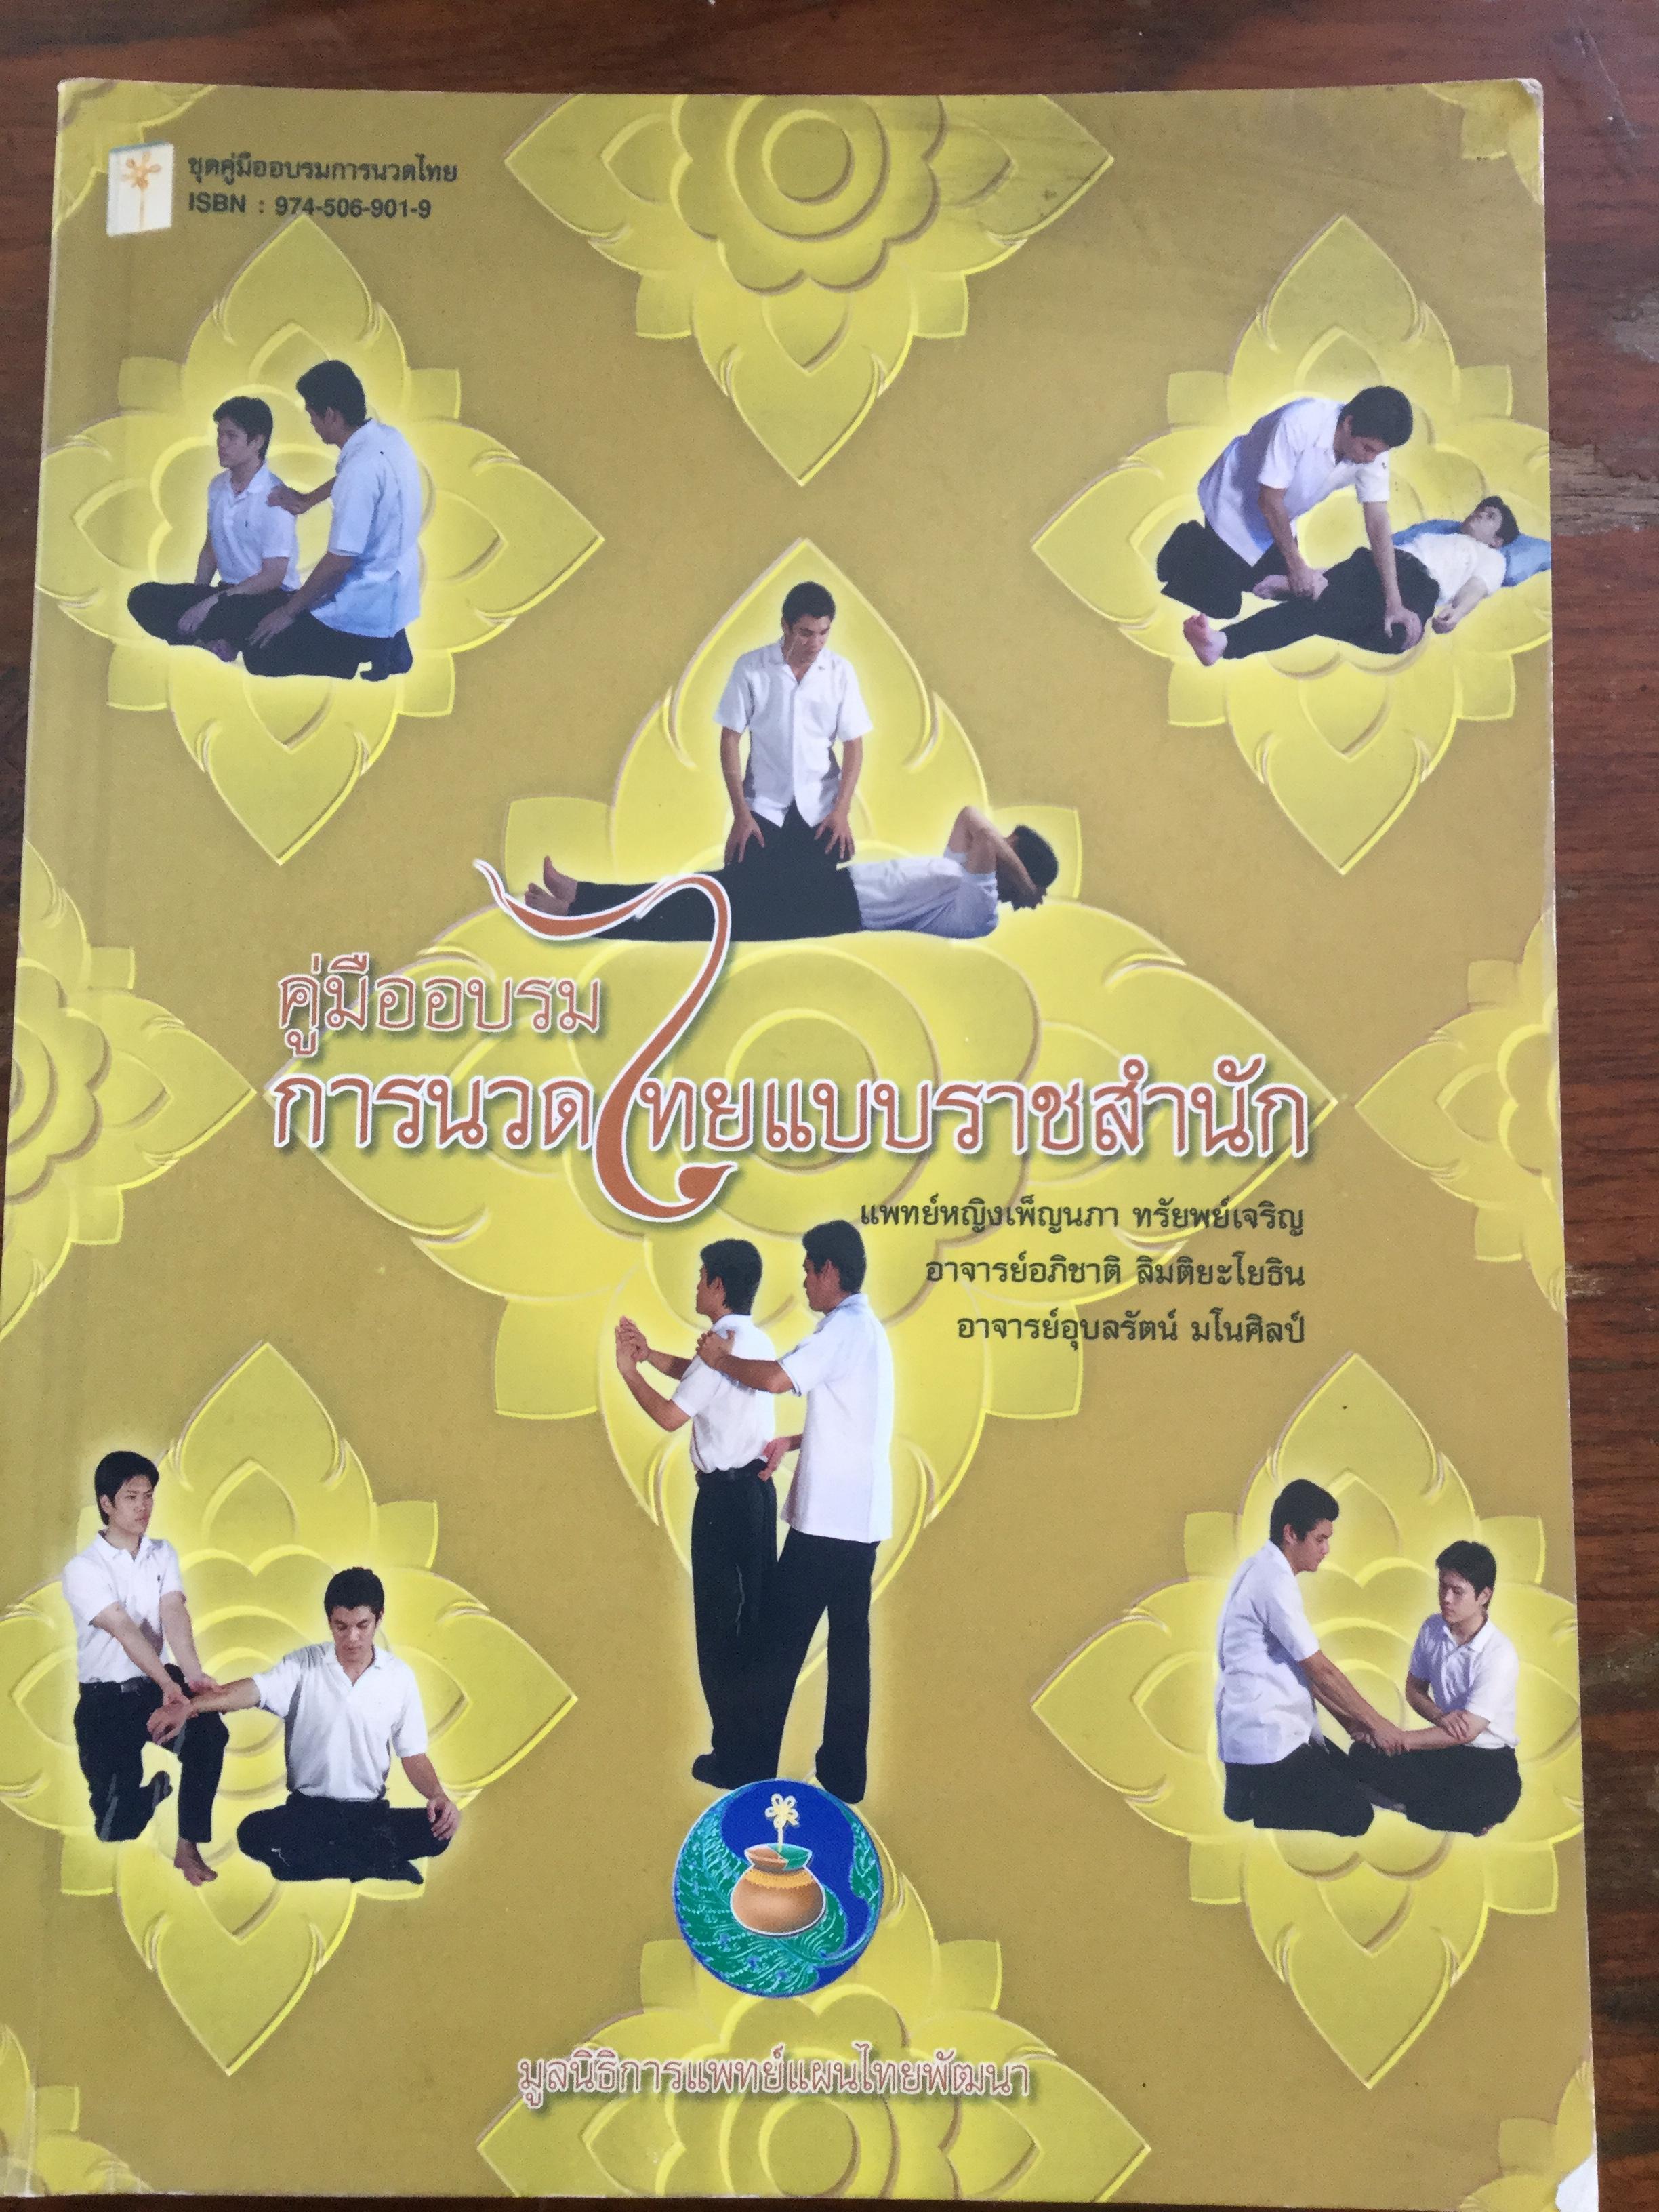 คู่มืออบรมการนวดไทยแบบราชสำนัก. ชุดคู่มืออบรมการนวดไทย. ผู้เขียน นพ.เพ็ญนภา ทรัพย์เจริญ และคณะ โดย มูลนิธิการแพทย์แผนไทยพัฒนา